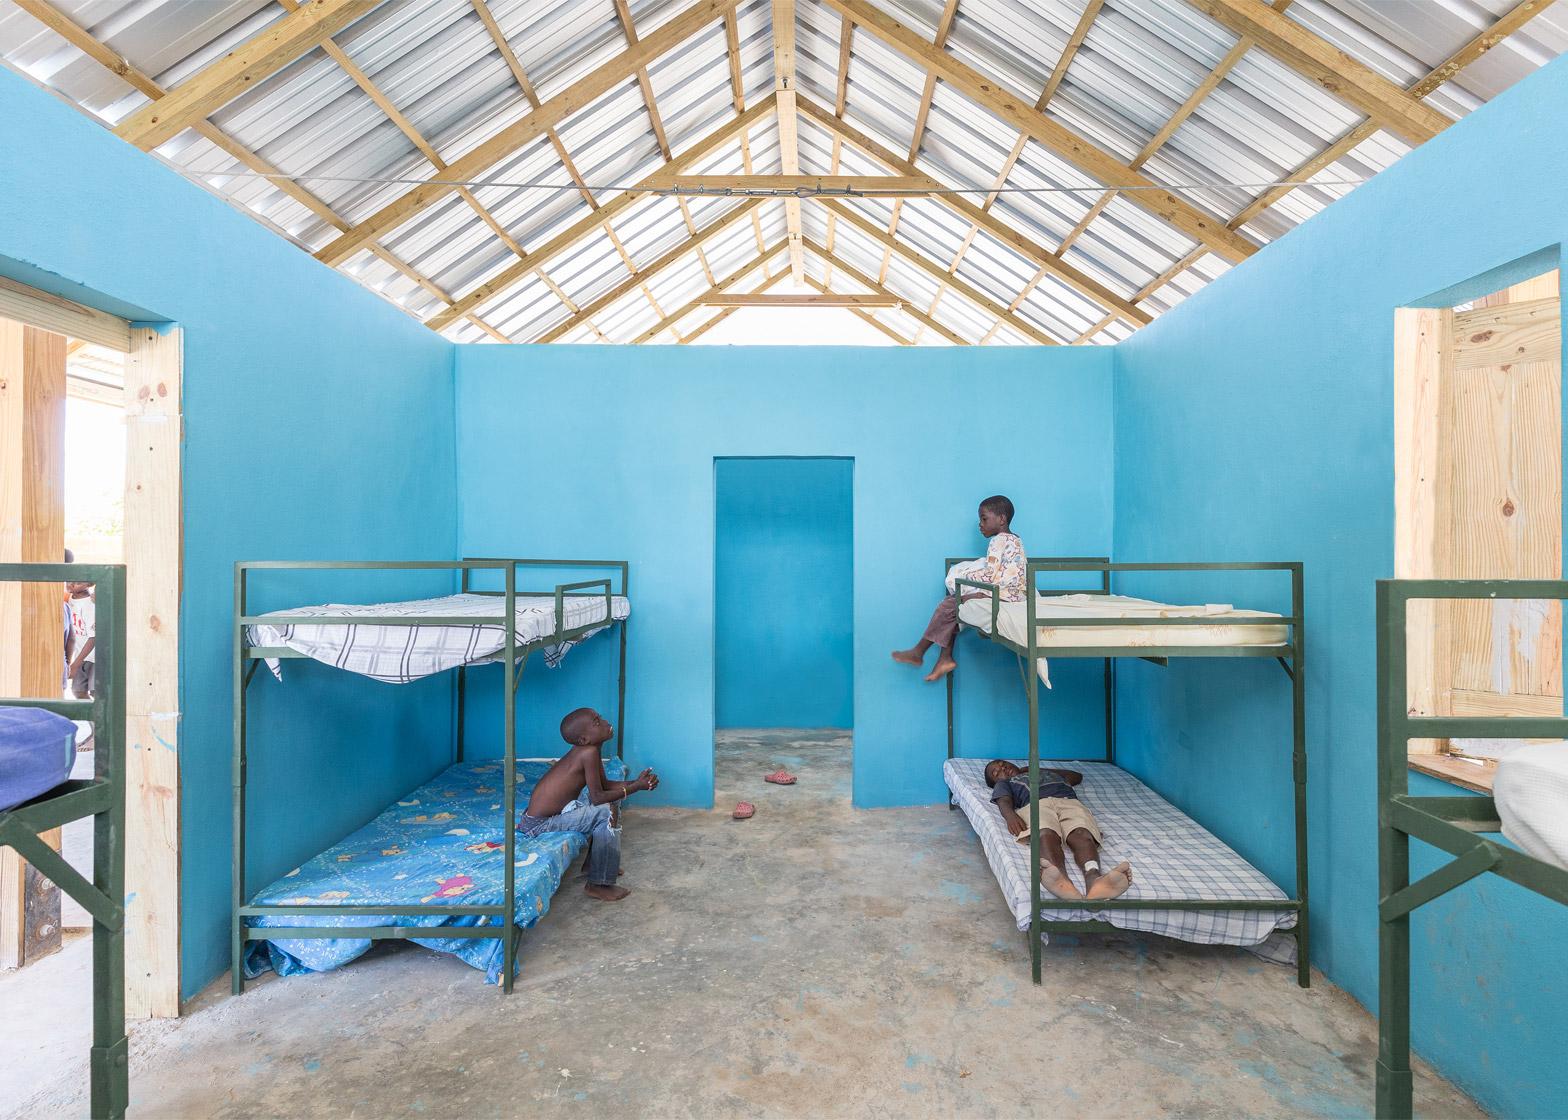 The Small House by Bonaventura Visconti di Modrone